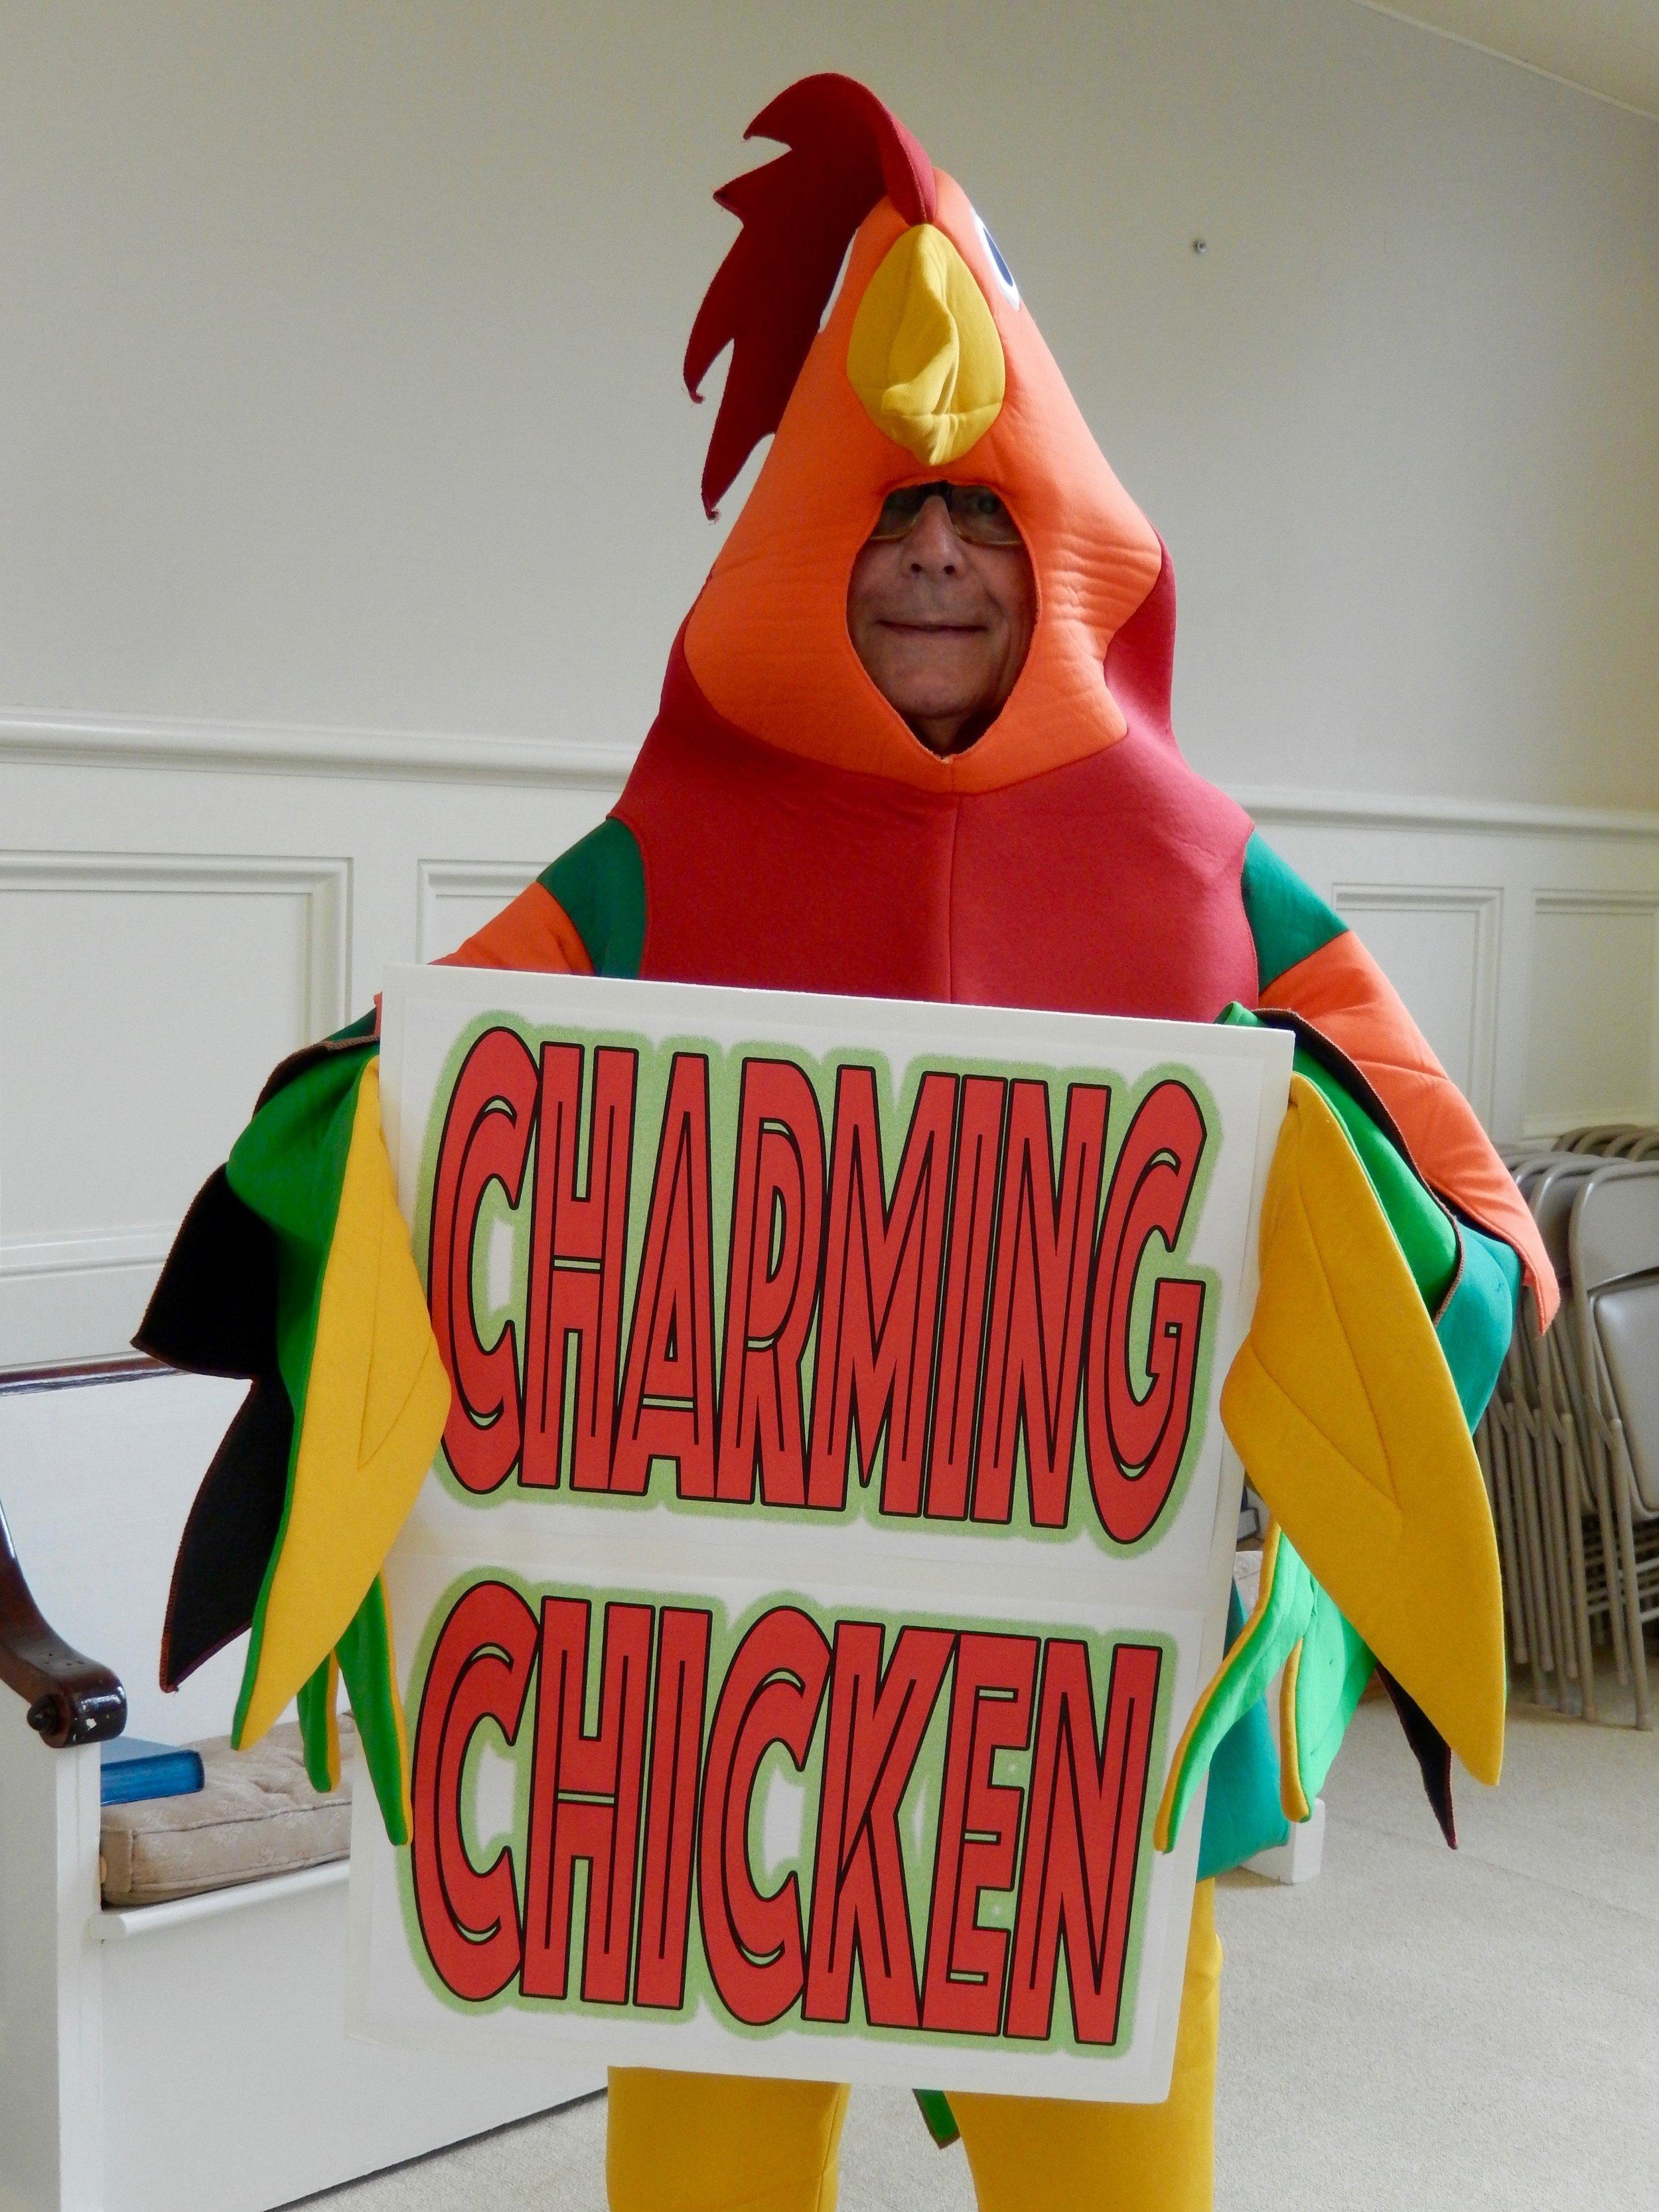 charming chicken.jpg